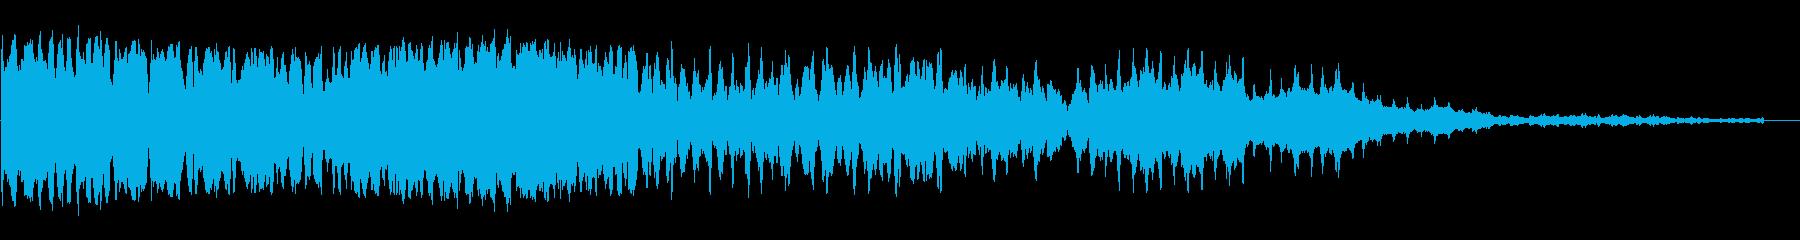 ボワ〜ンボ〜(神秘的・幻想的な効果音)の再生済みの波形